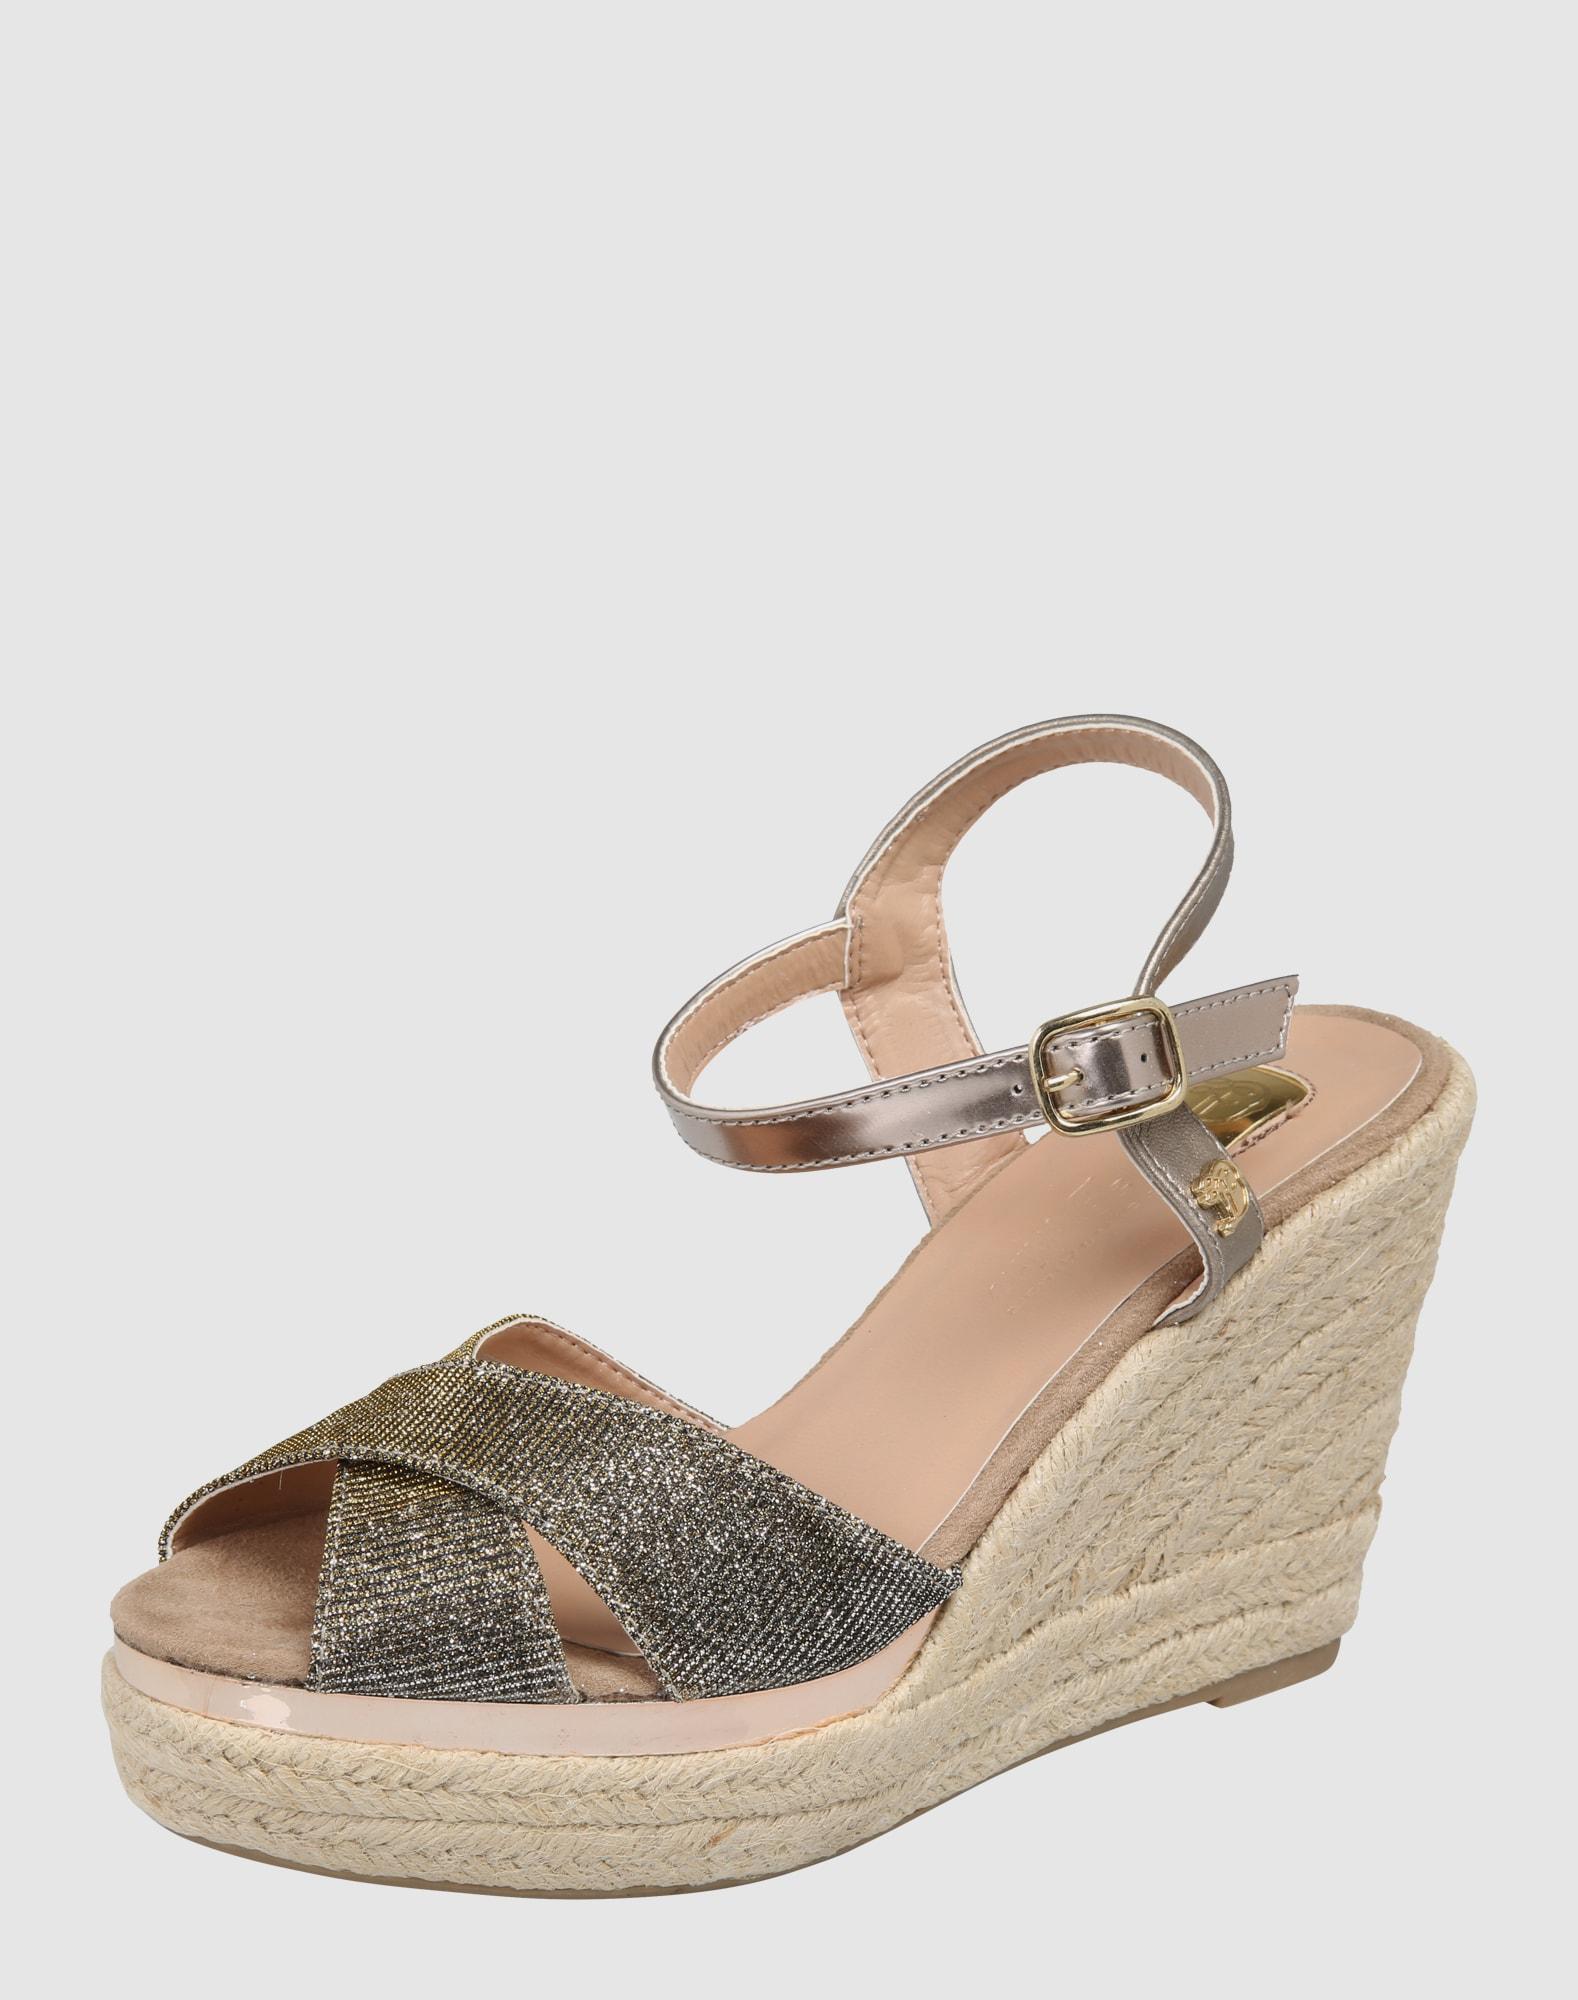 tom tailor sandalen met riem in brons about you. Black Bedroom Furniture Sets. Home Design Ideas